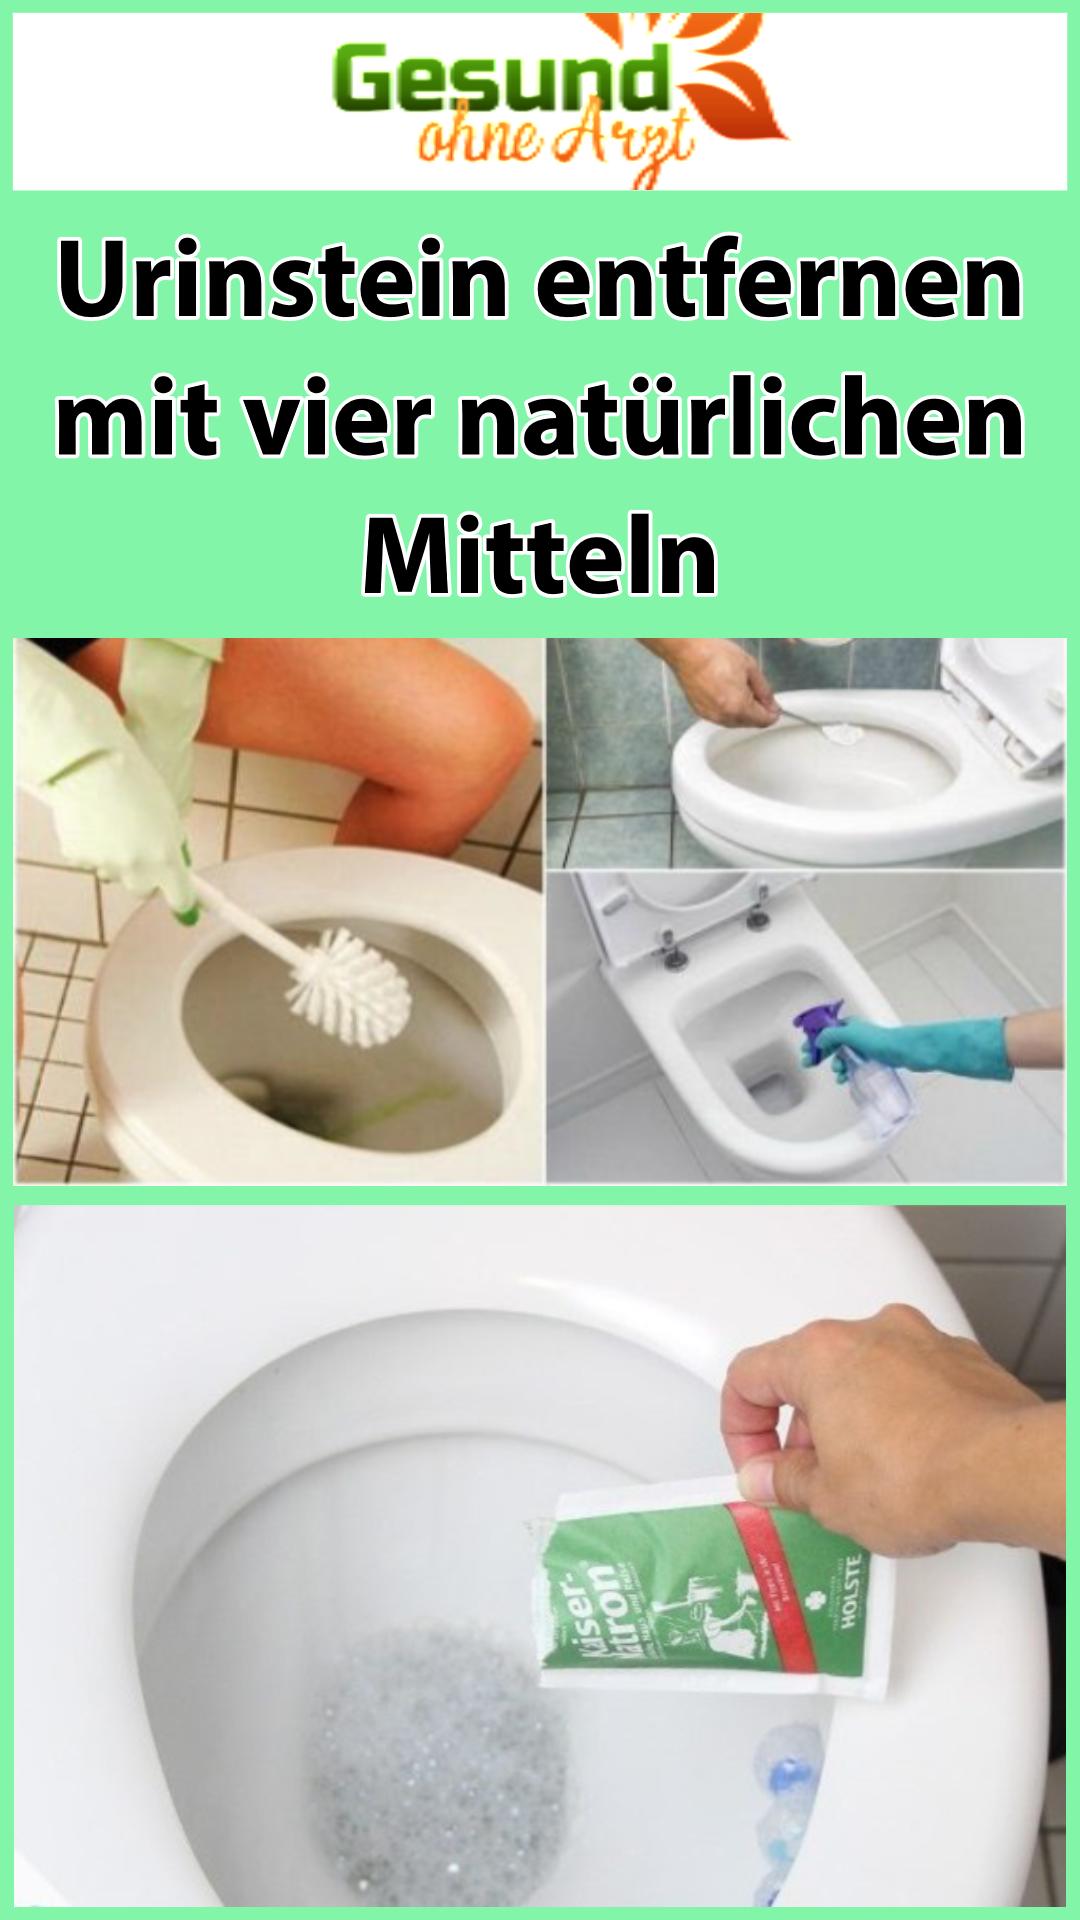 Urinstein Entfernen Mit Vier Naturlichen Mitteln Geruch Entfernen Saubere Toiletten Kuche Putzen